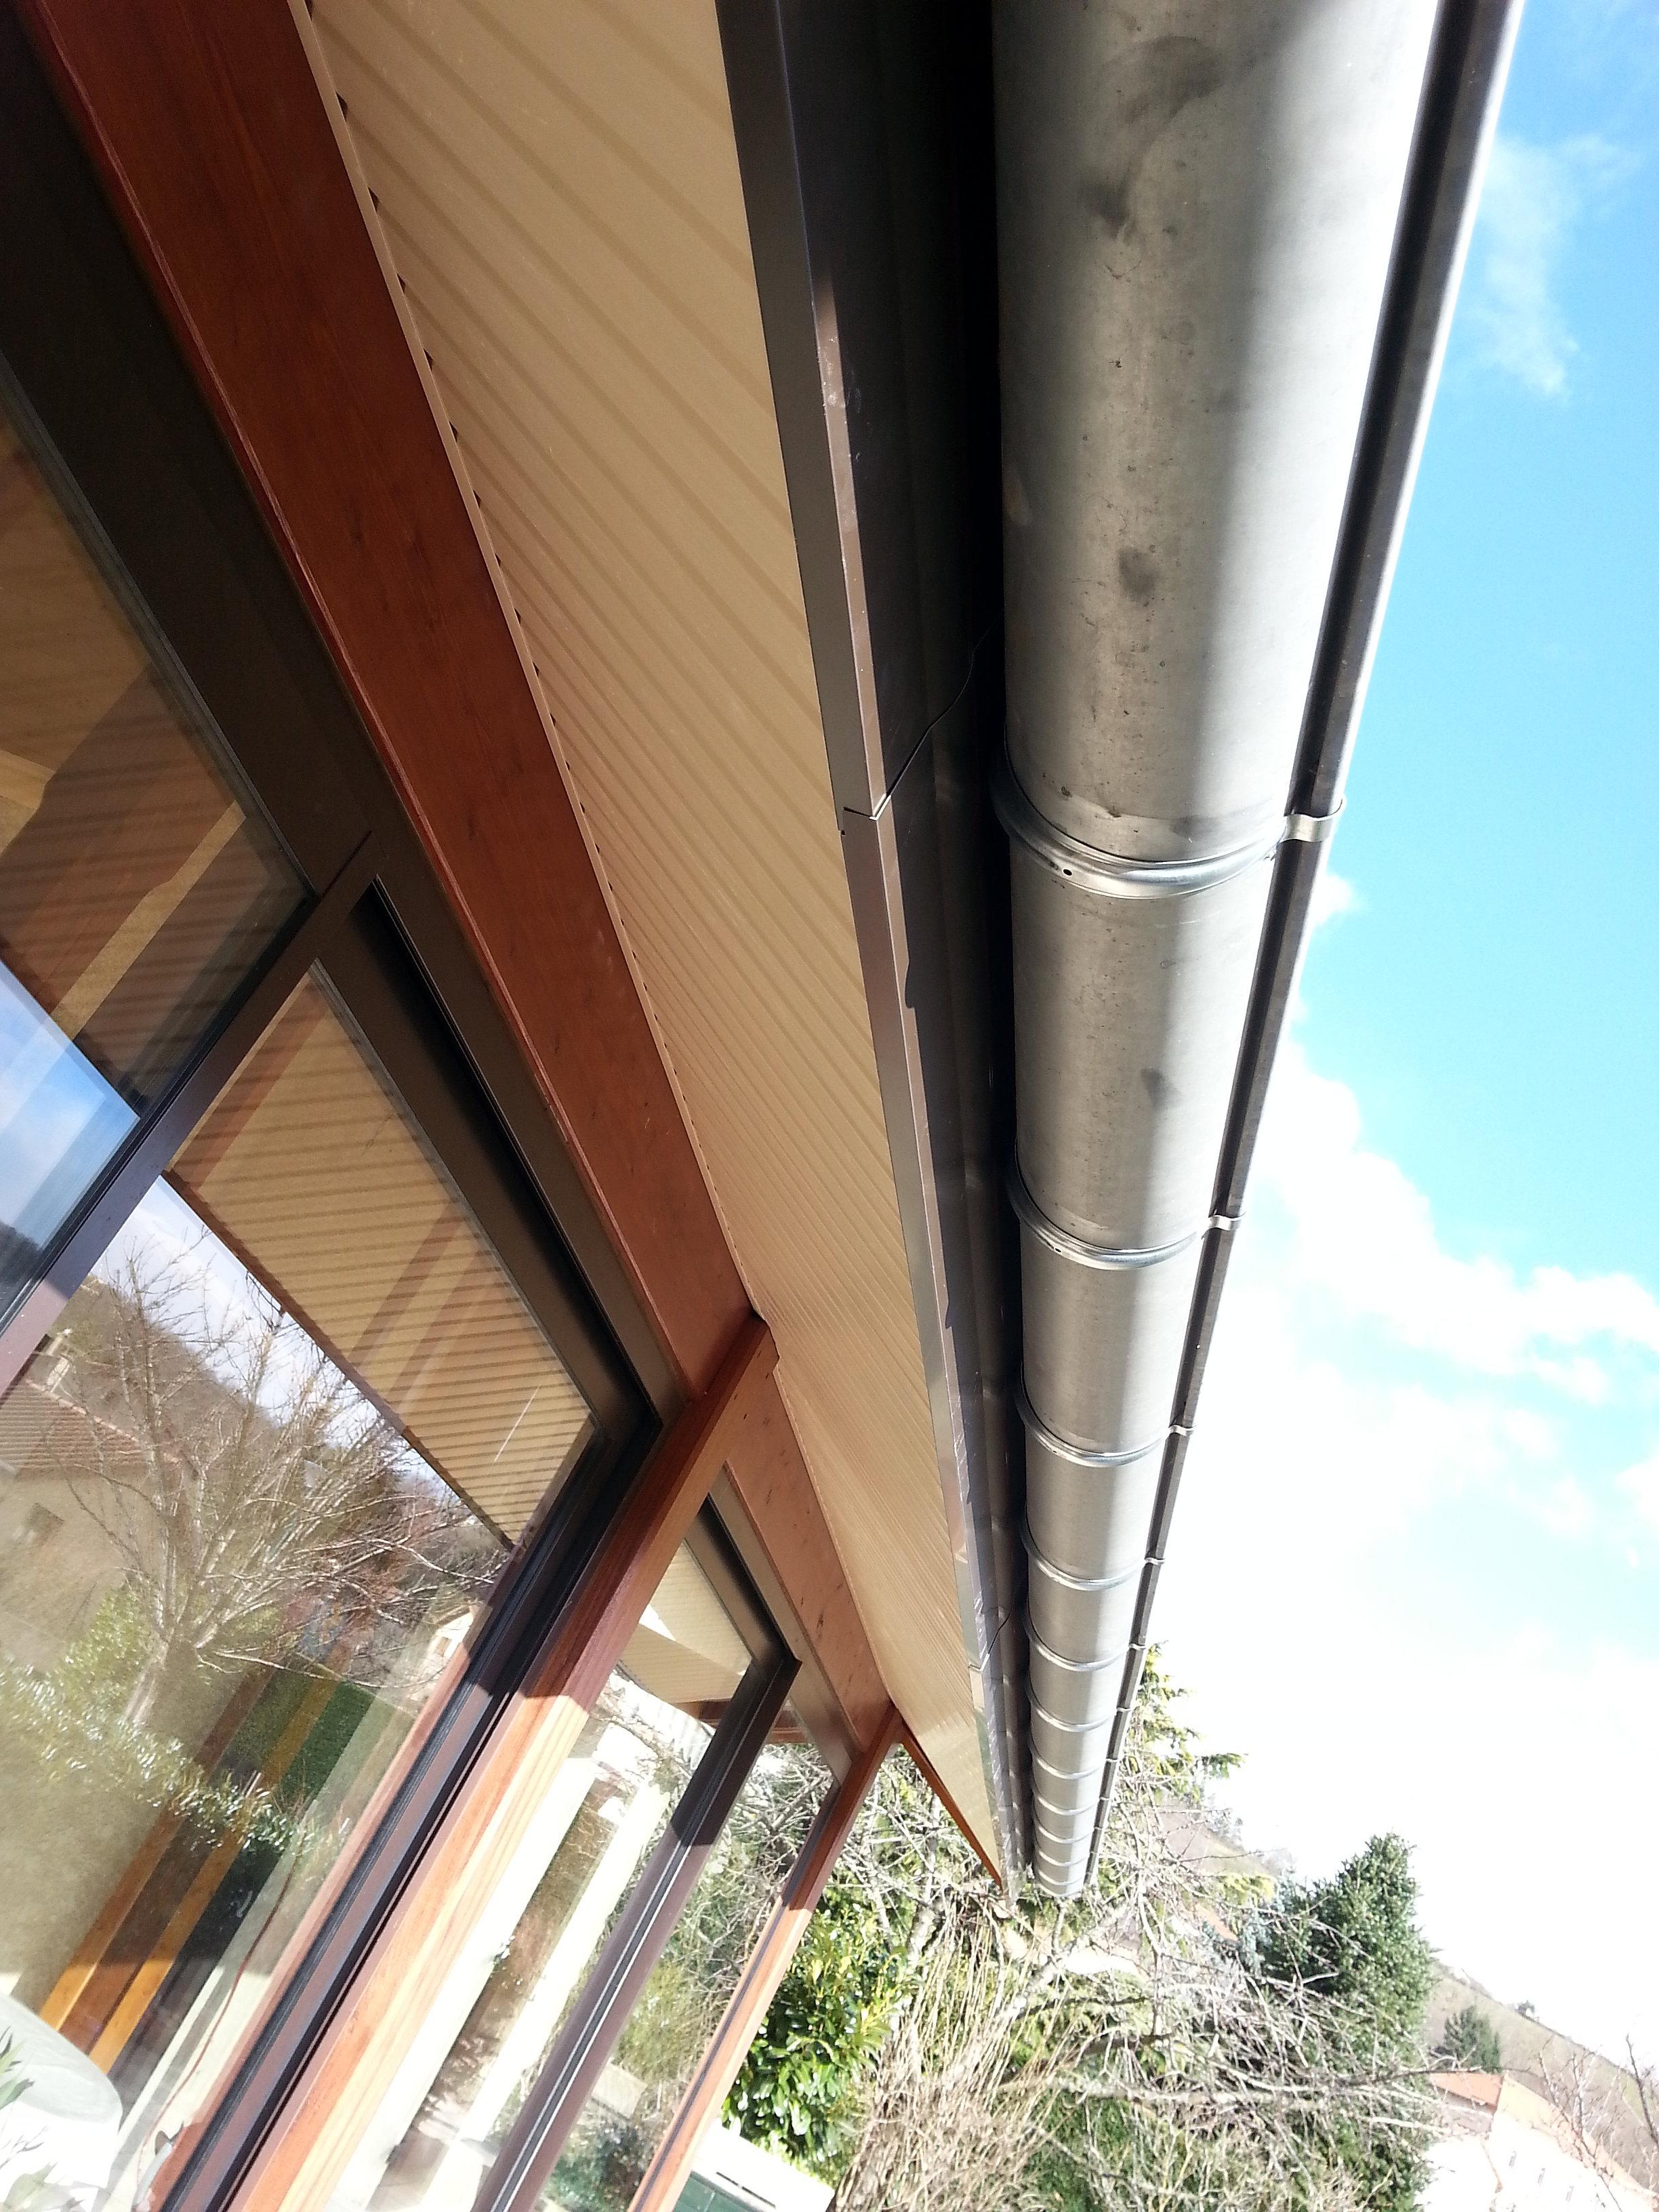 couverture installation velux lyon c2l saint etienne loire 42 lambris pvc sous toiture. Black Bedroom Furniture Sets. Home Design Ideas